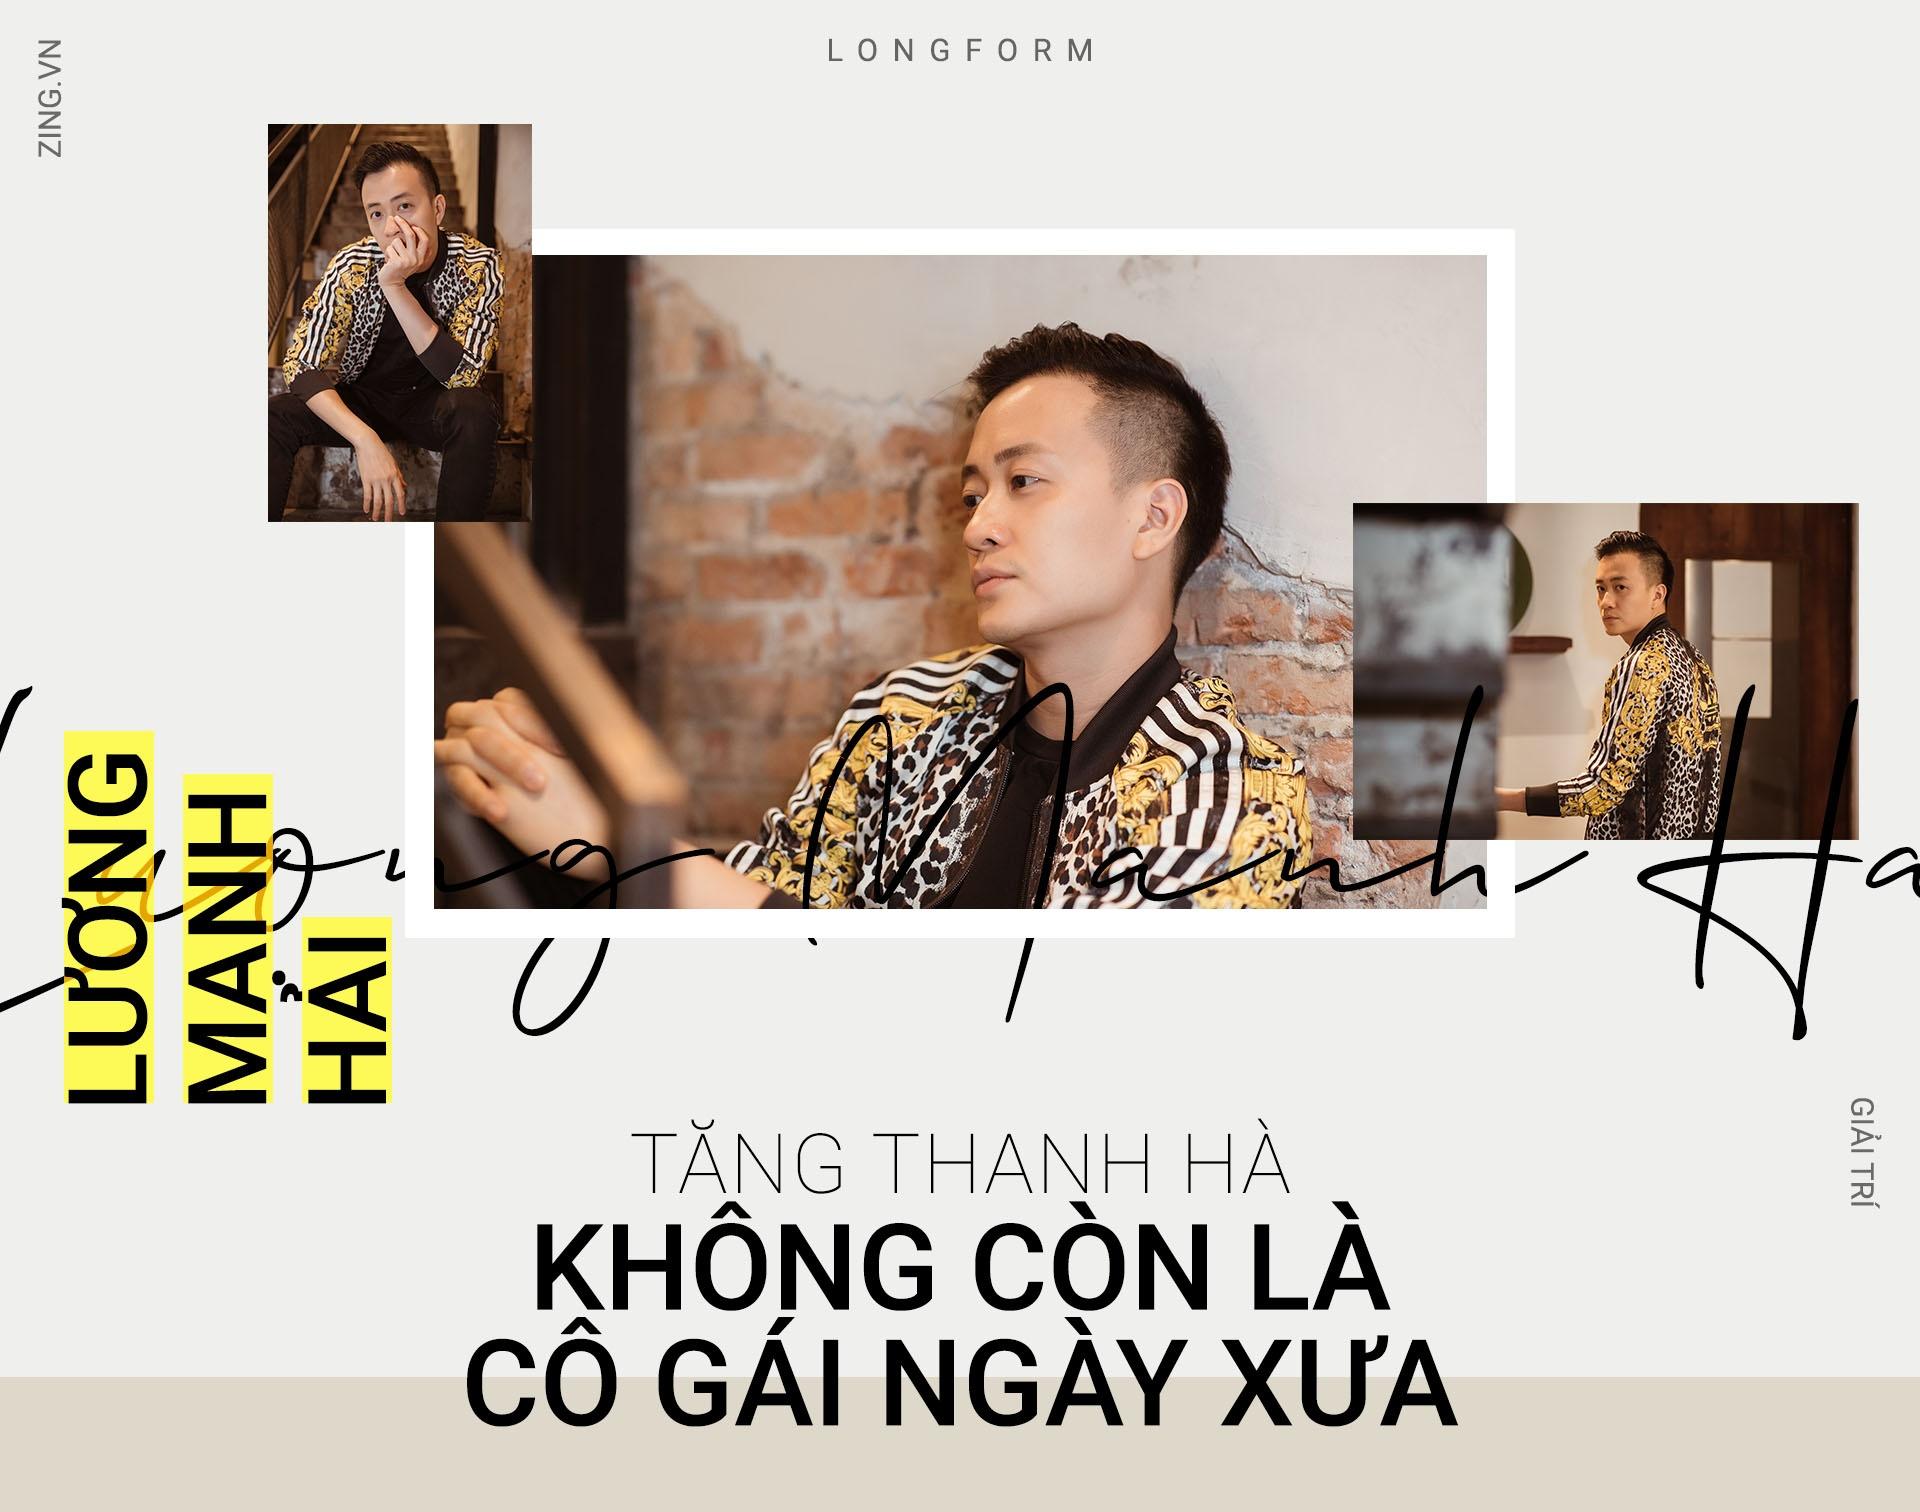 Luong Manh Hai noi ve Tang Thanh Ha anh 2